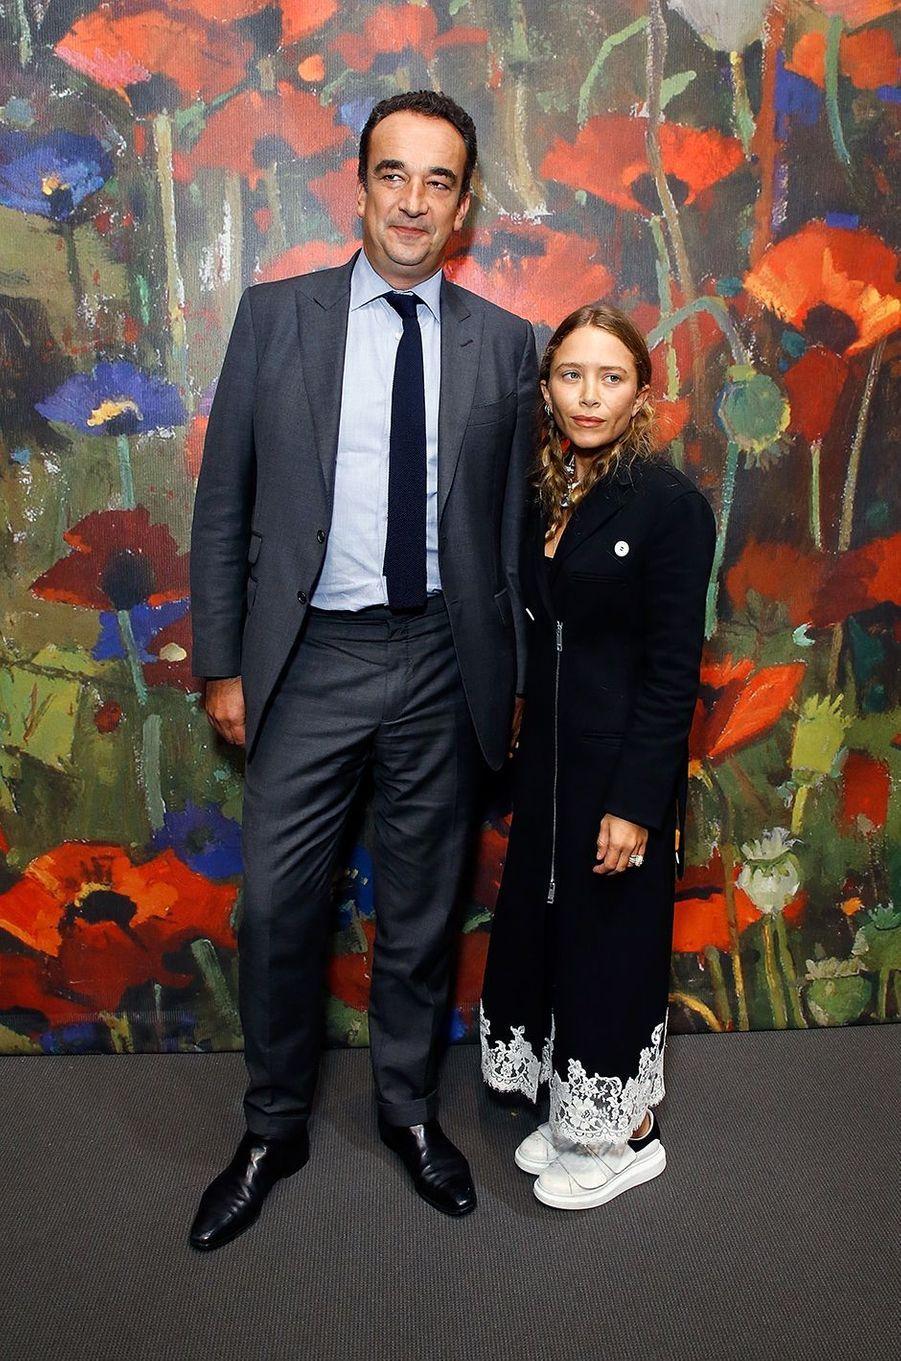 Olivier Sarkozy et Mary-Kate Olsen lors d'une vente aux enchères chez Sotheby's à New York en octobre 2017